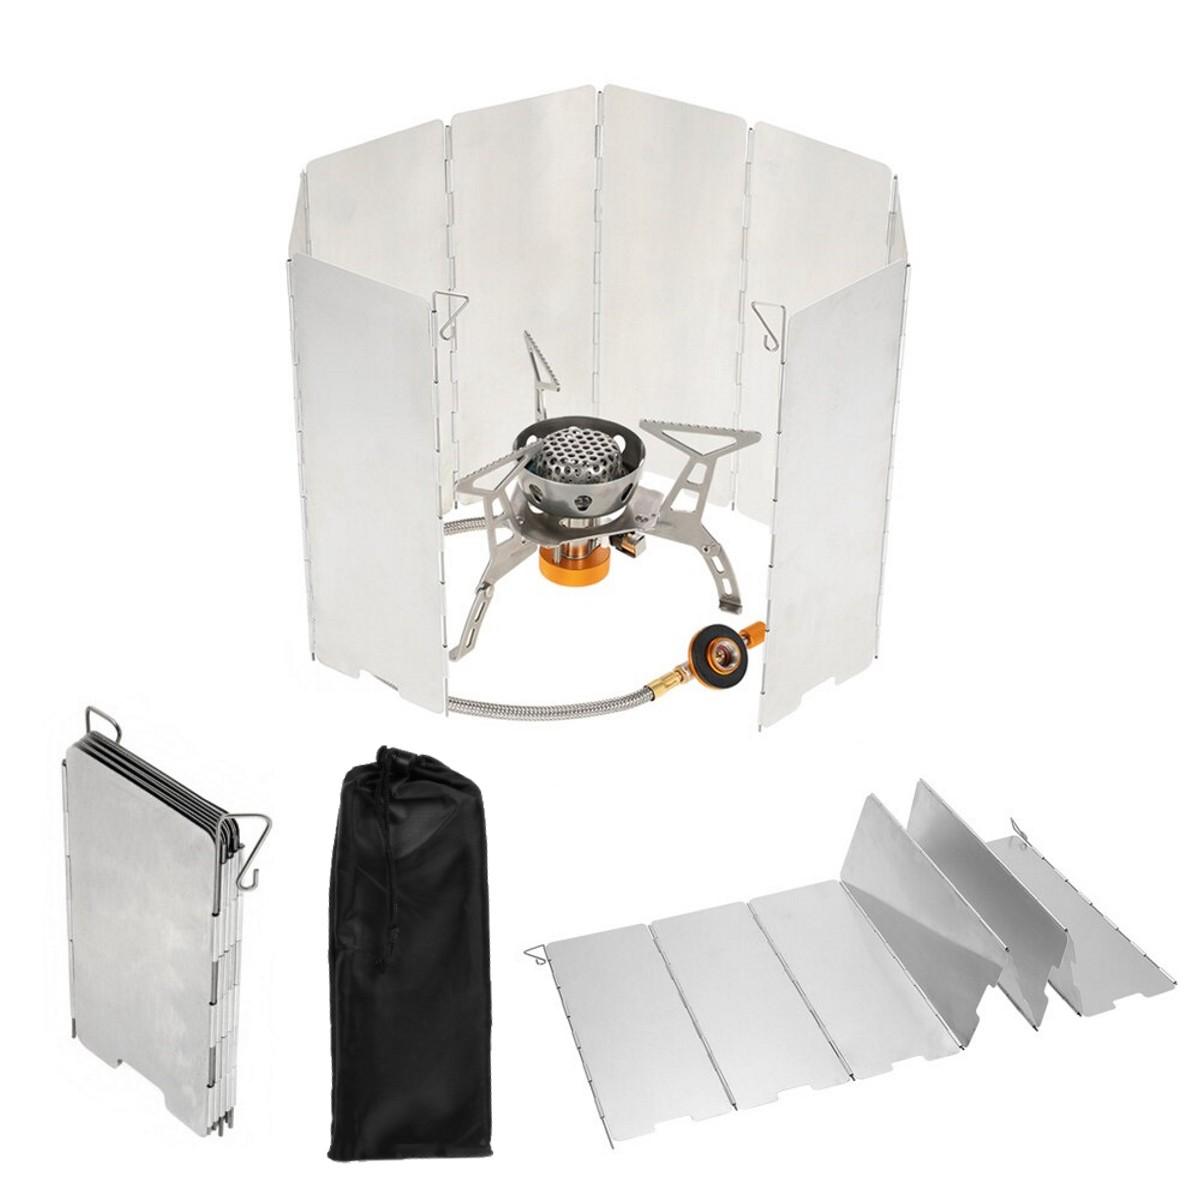 Reine Titan Campingkocher Windschutz Campingkocher Windschutz Outdoor Gasher C5T